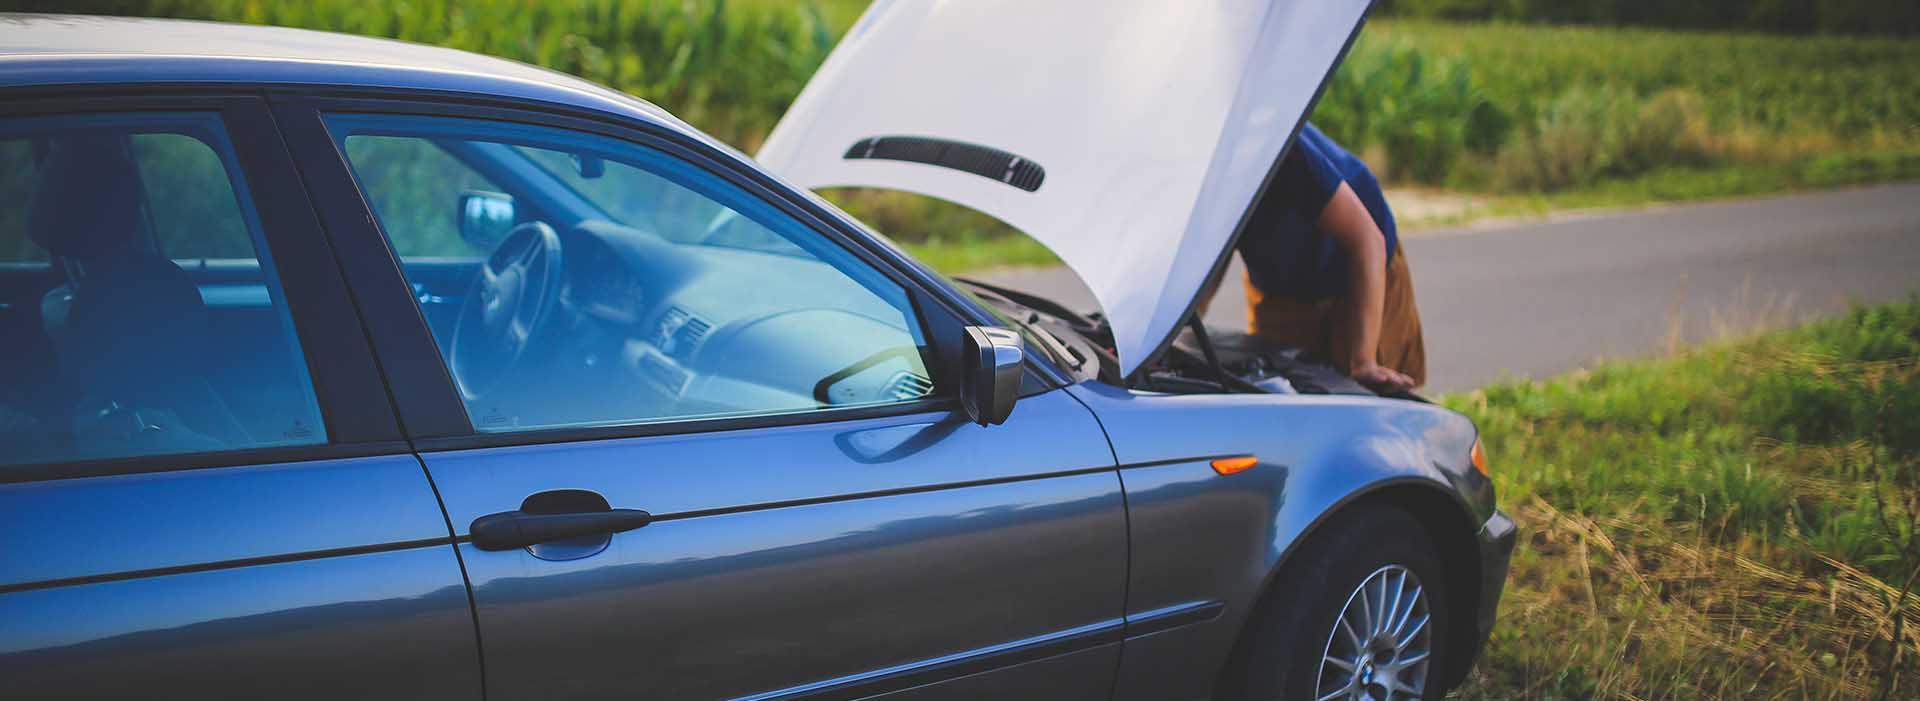 Se vai viajar no período de férias dedique algum tempo para verificar a sua apólice de seguro automóvel.